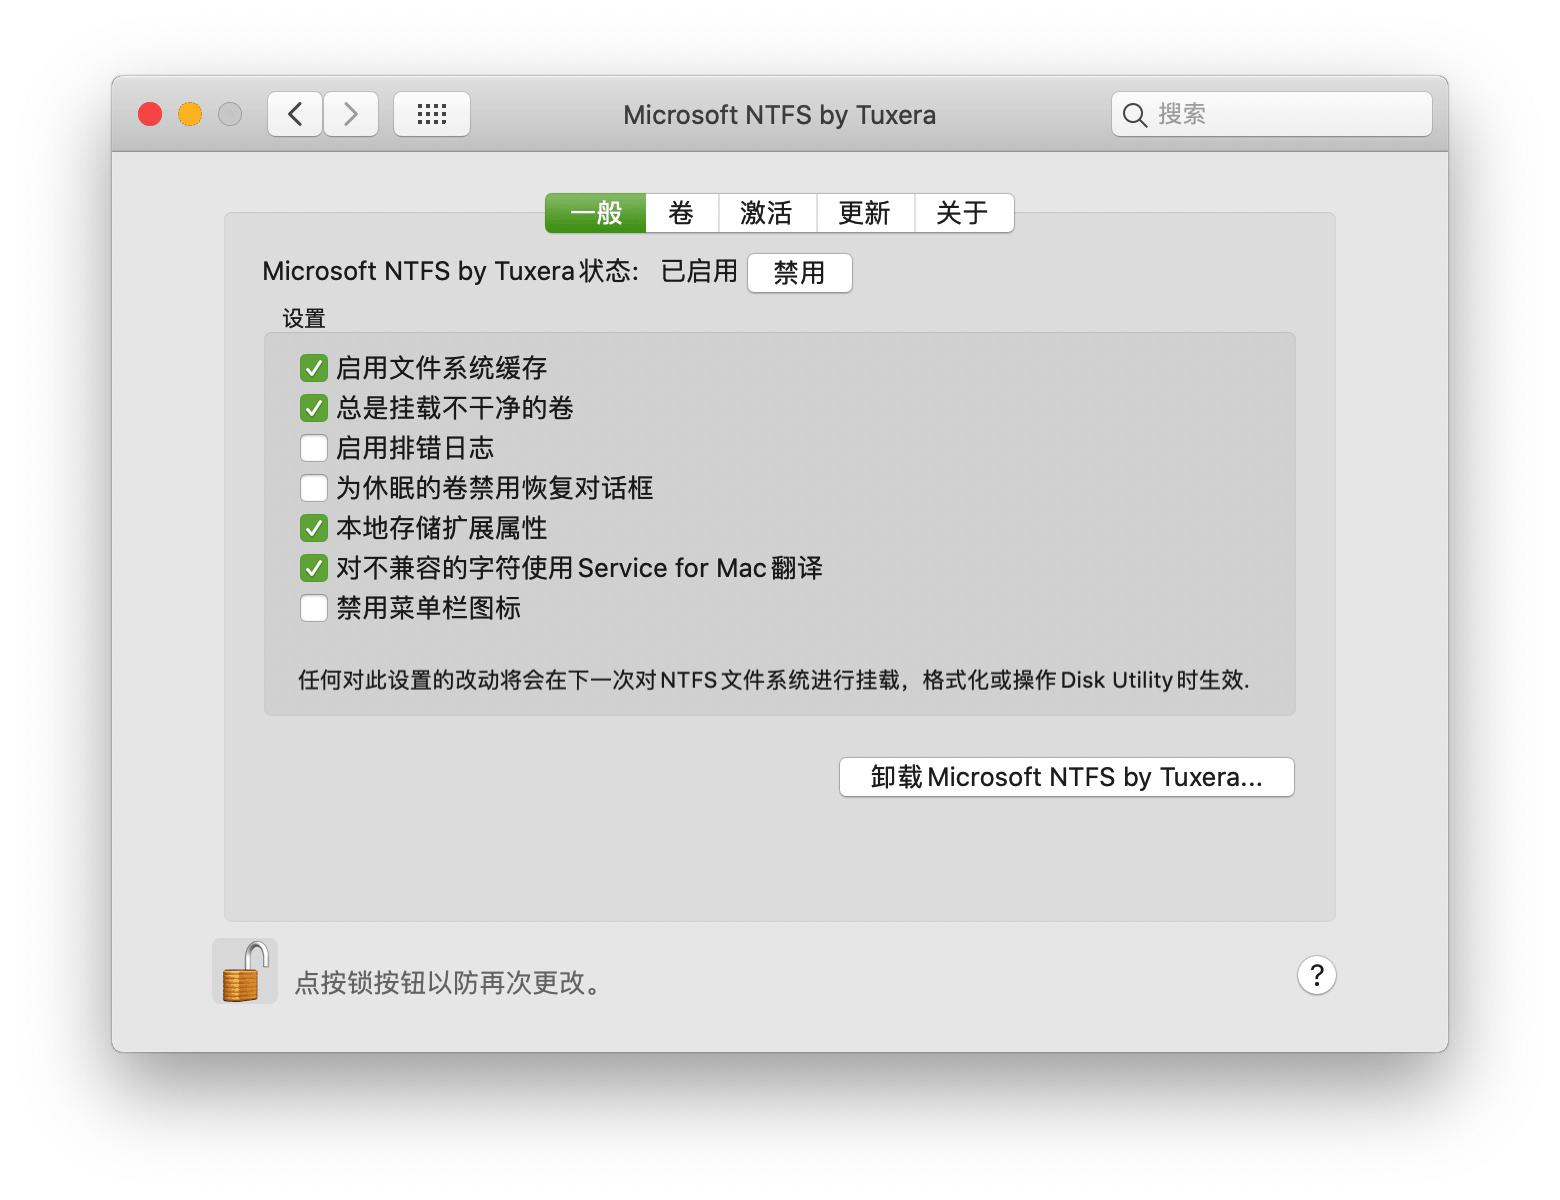 👍 正版!Tuxera NTFS 2020.1 中文破解版 NTFS磁盘读写工具-马克喵